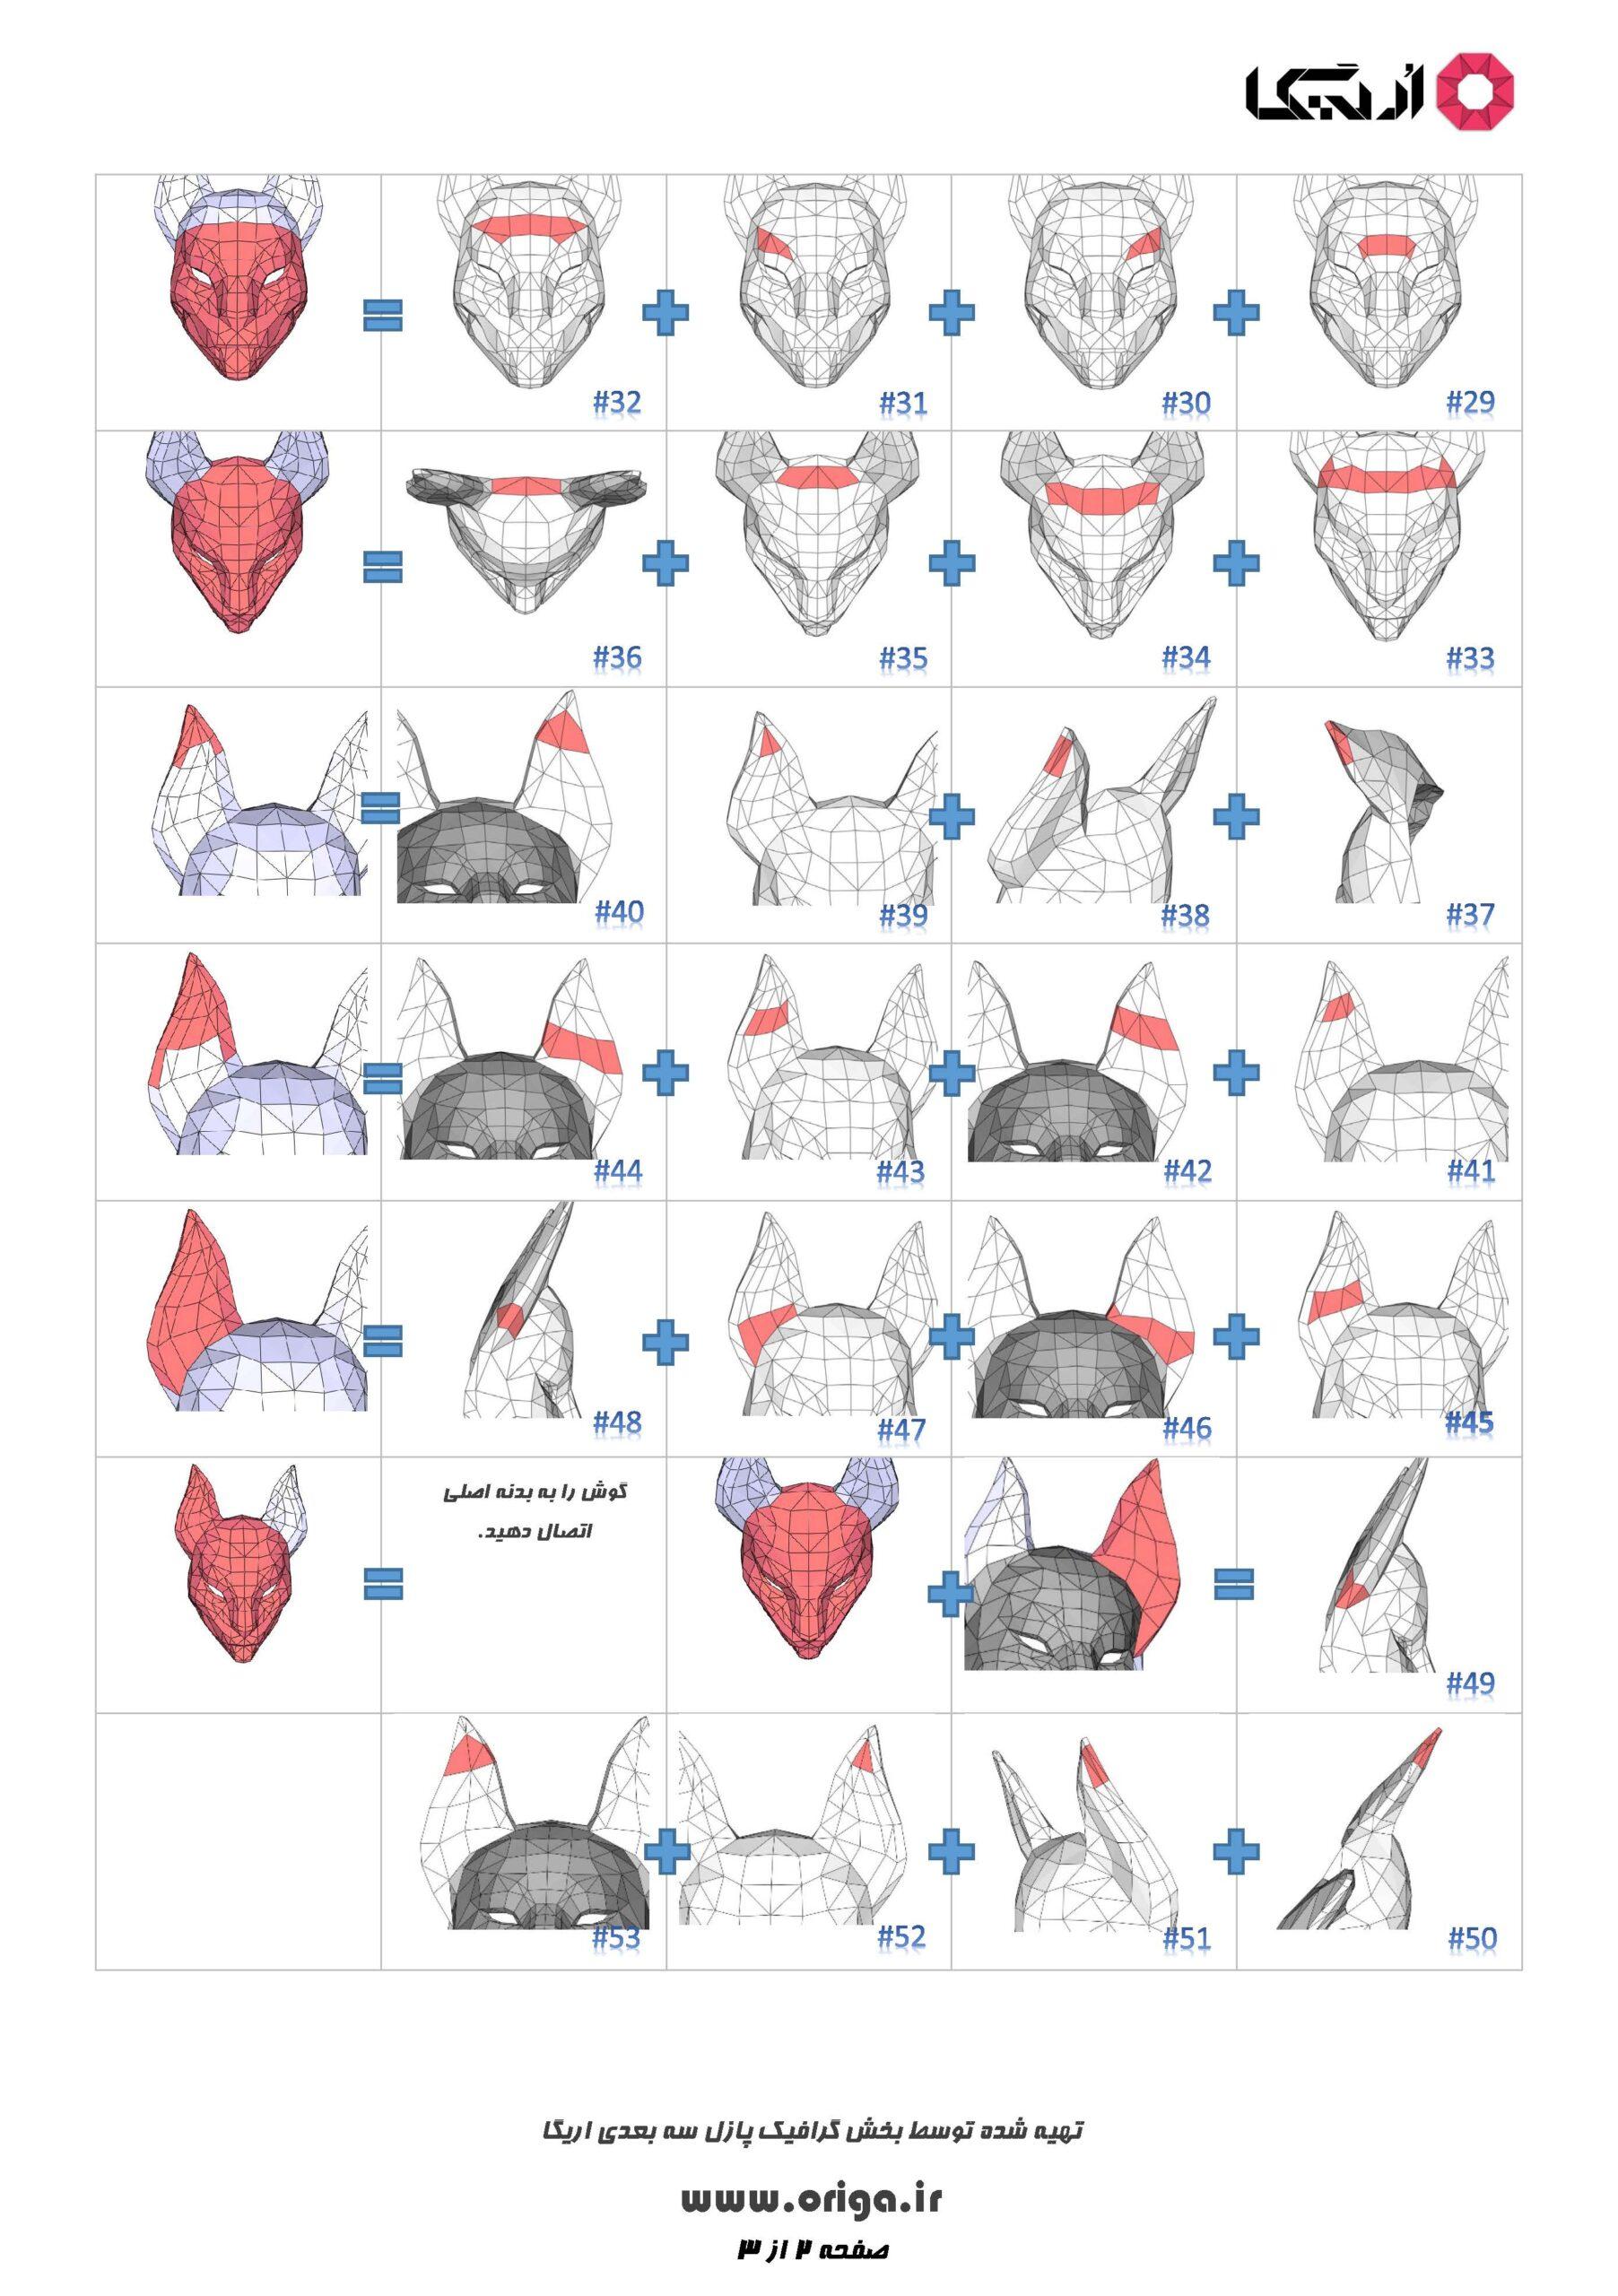 راهنمای ساخت ماسک کیتسون